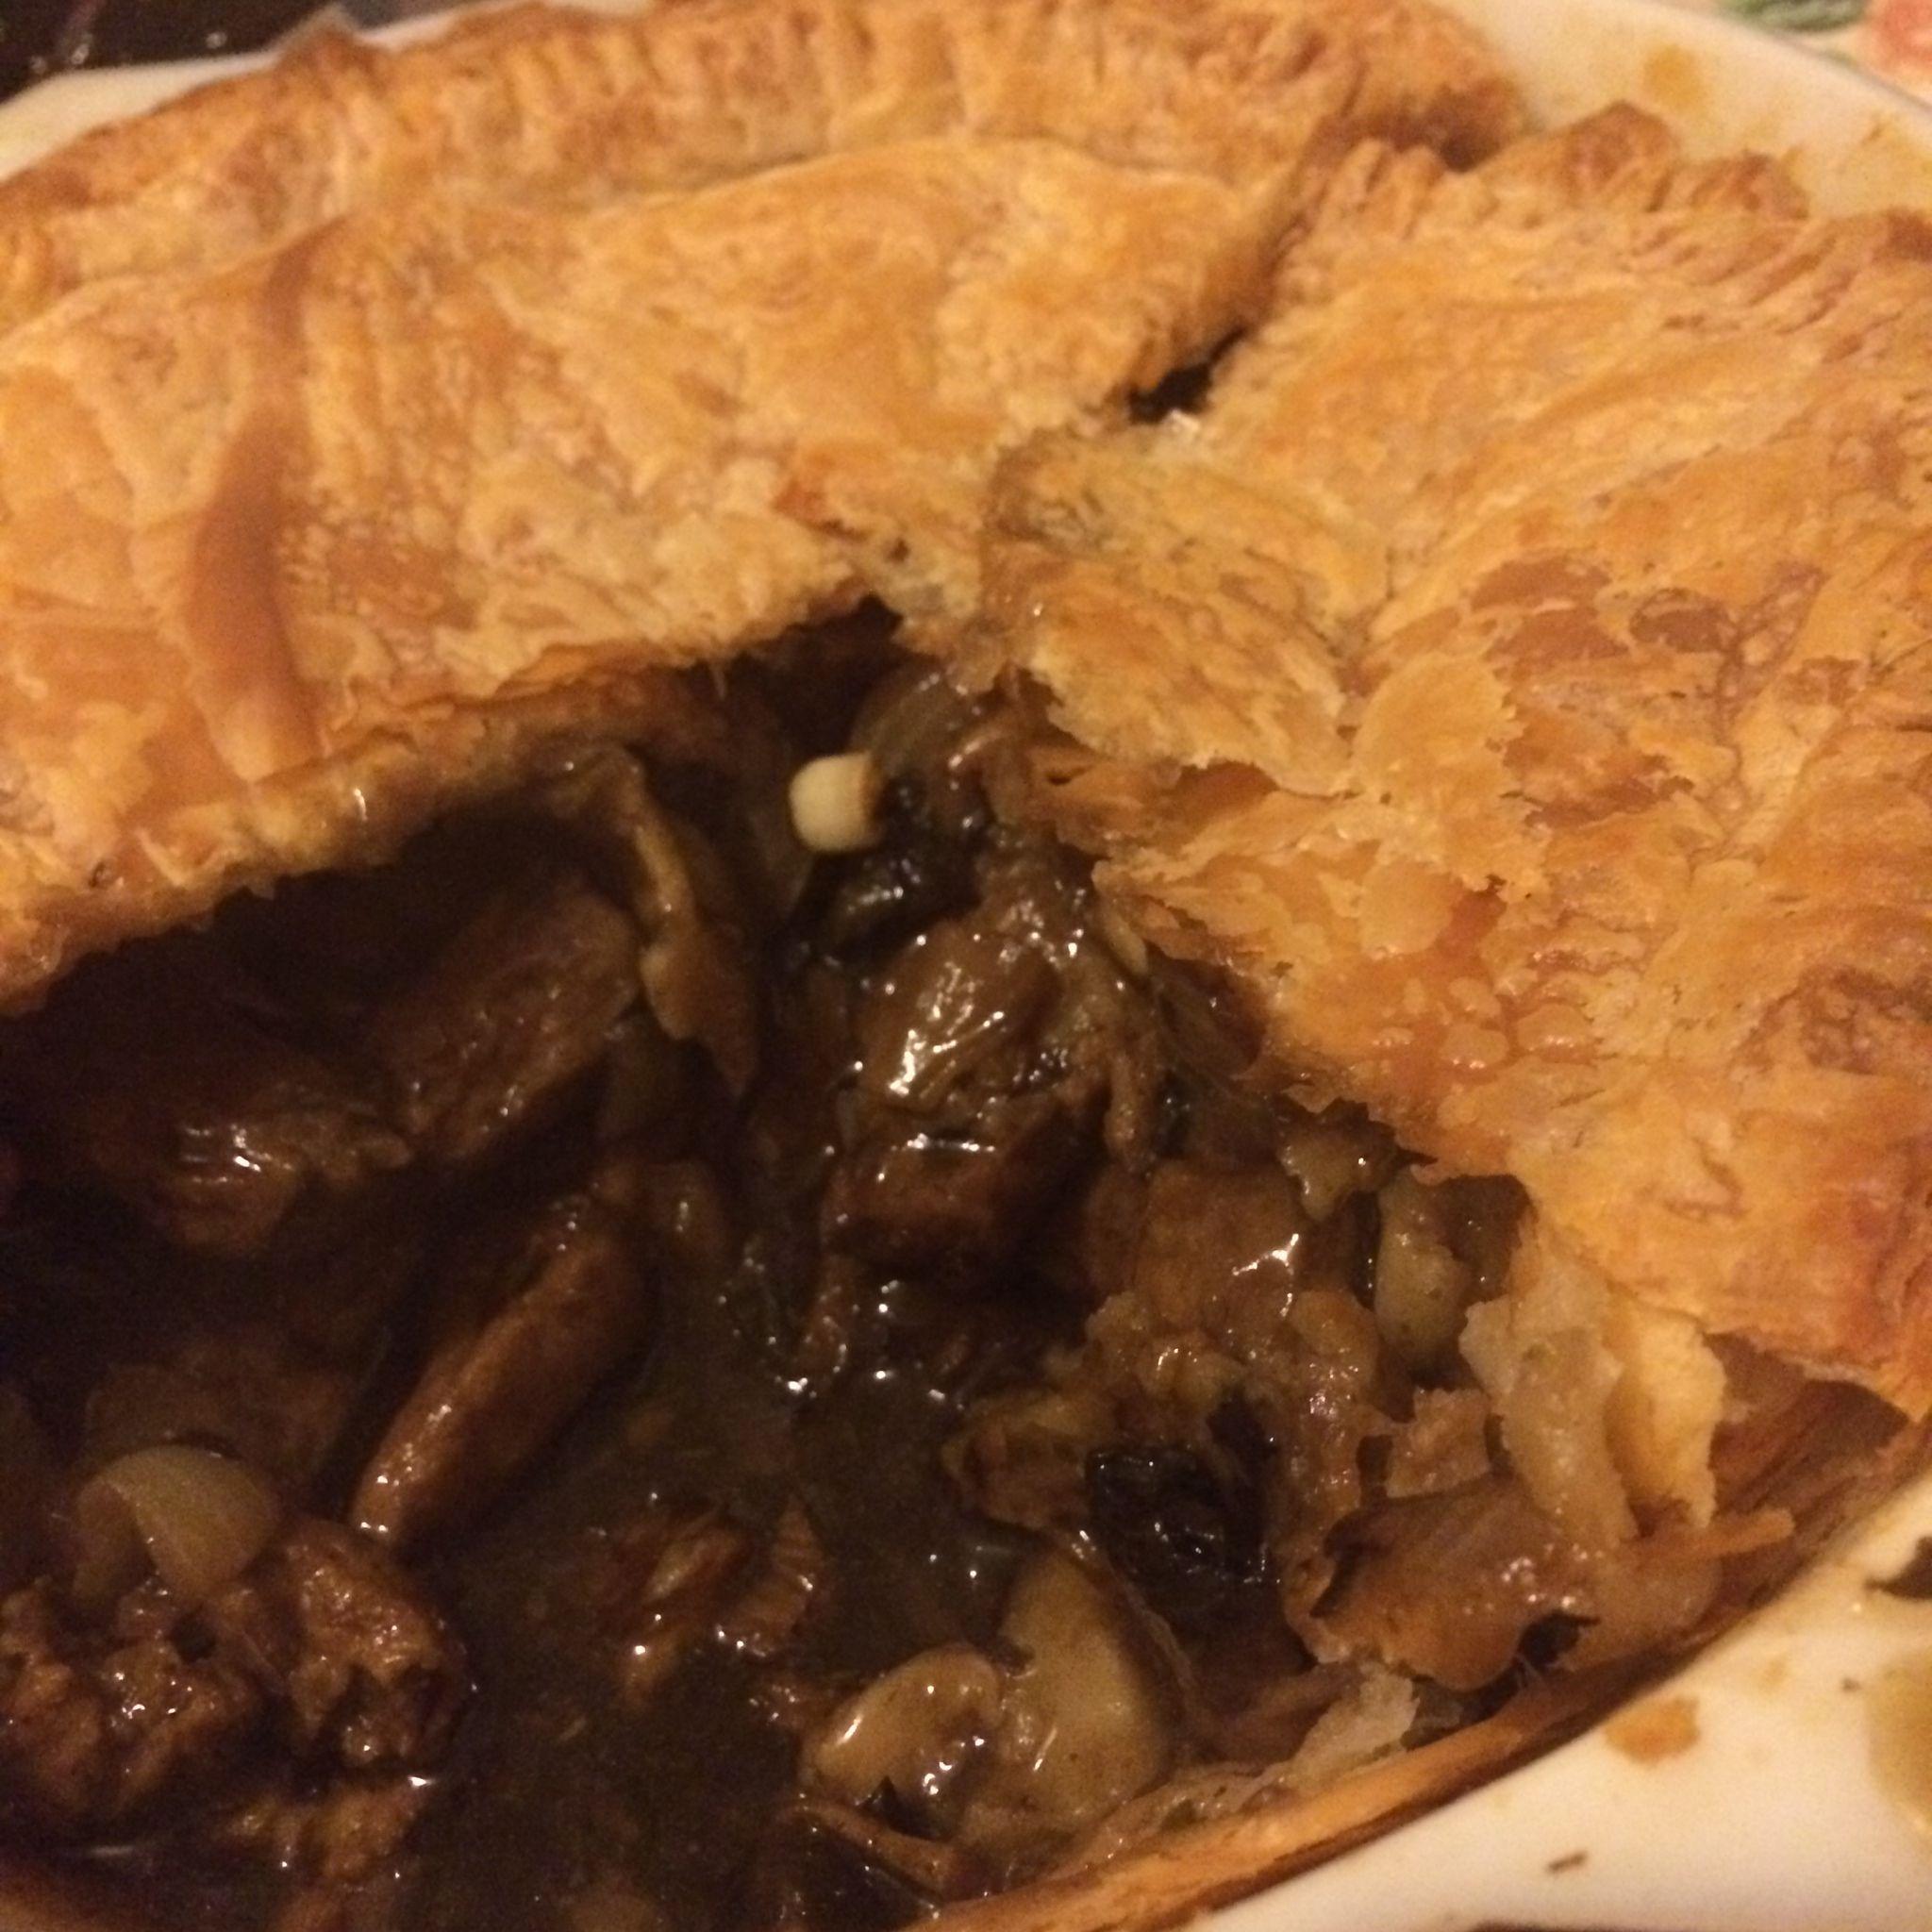 Steak-less and ale pie | Steak, ale, Ale pie, Vegan pies ...